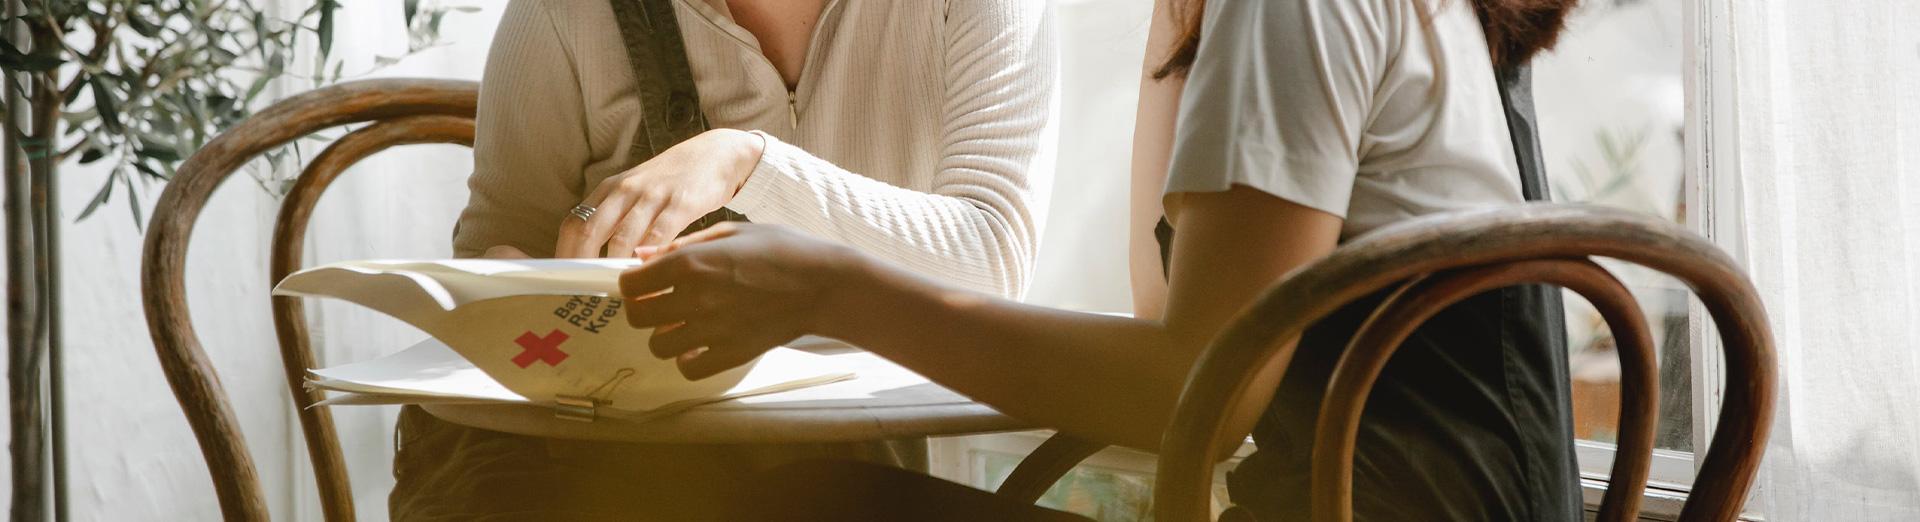 Zwei Frauen sehen sich Unterlagen an